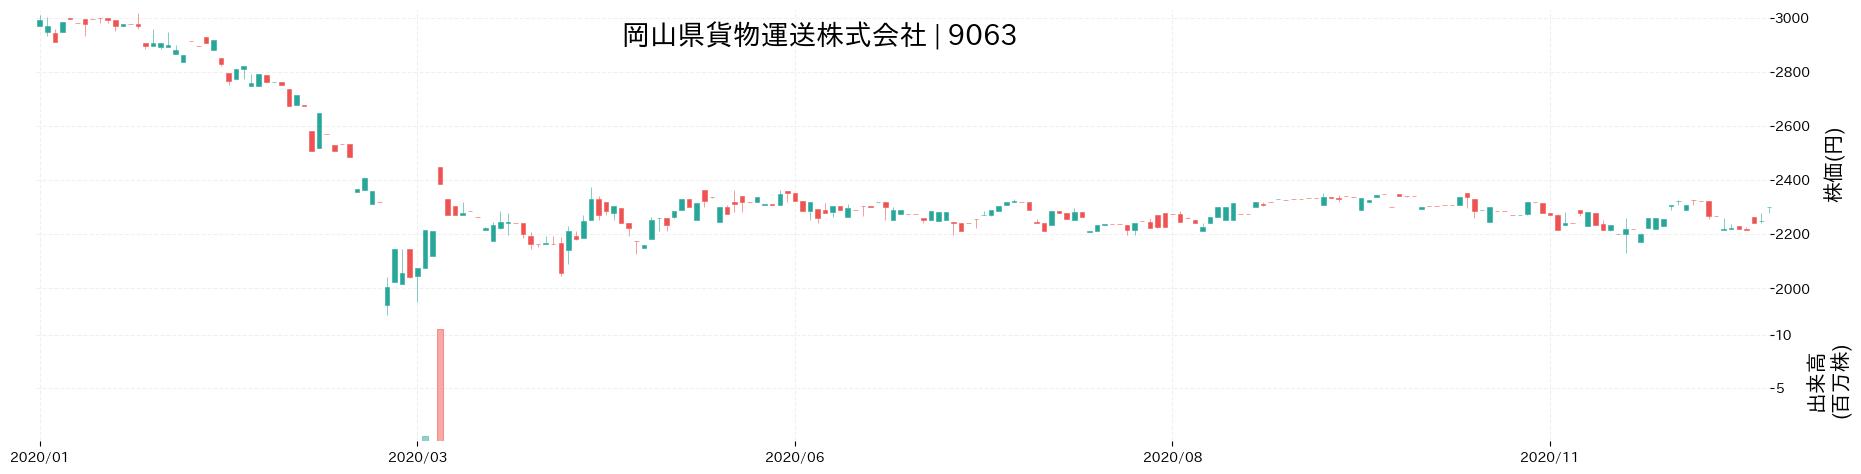 岡山県貨物運送株式会社の株価推移(2020)